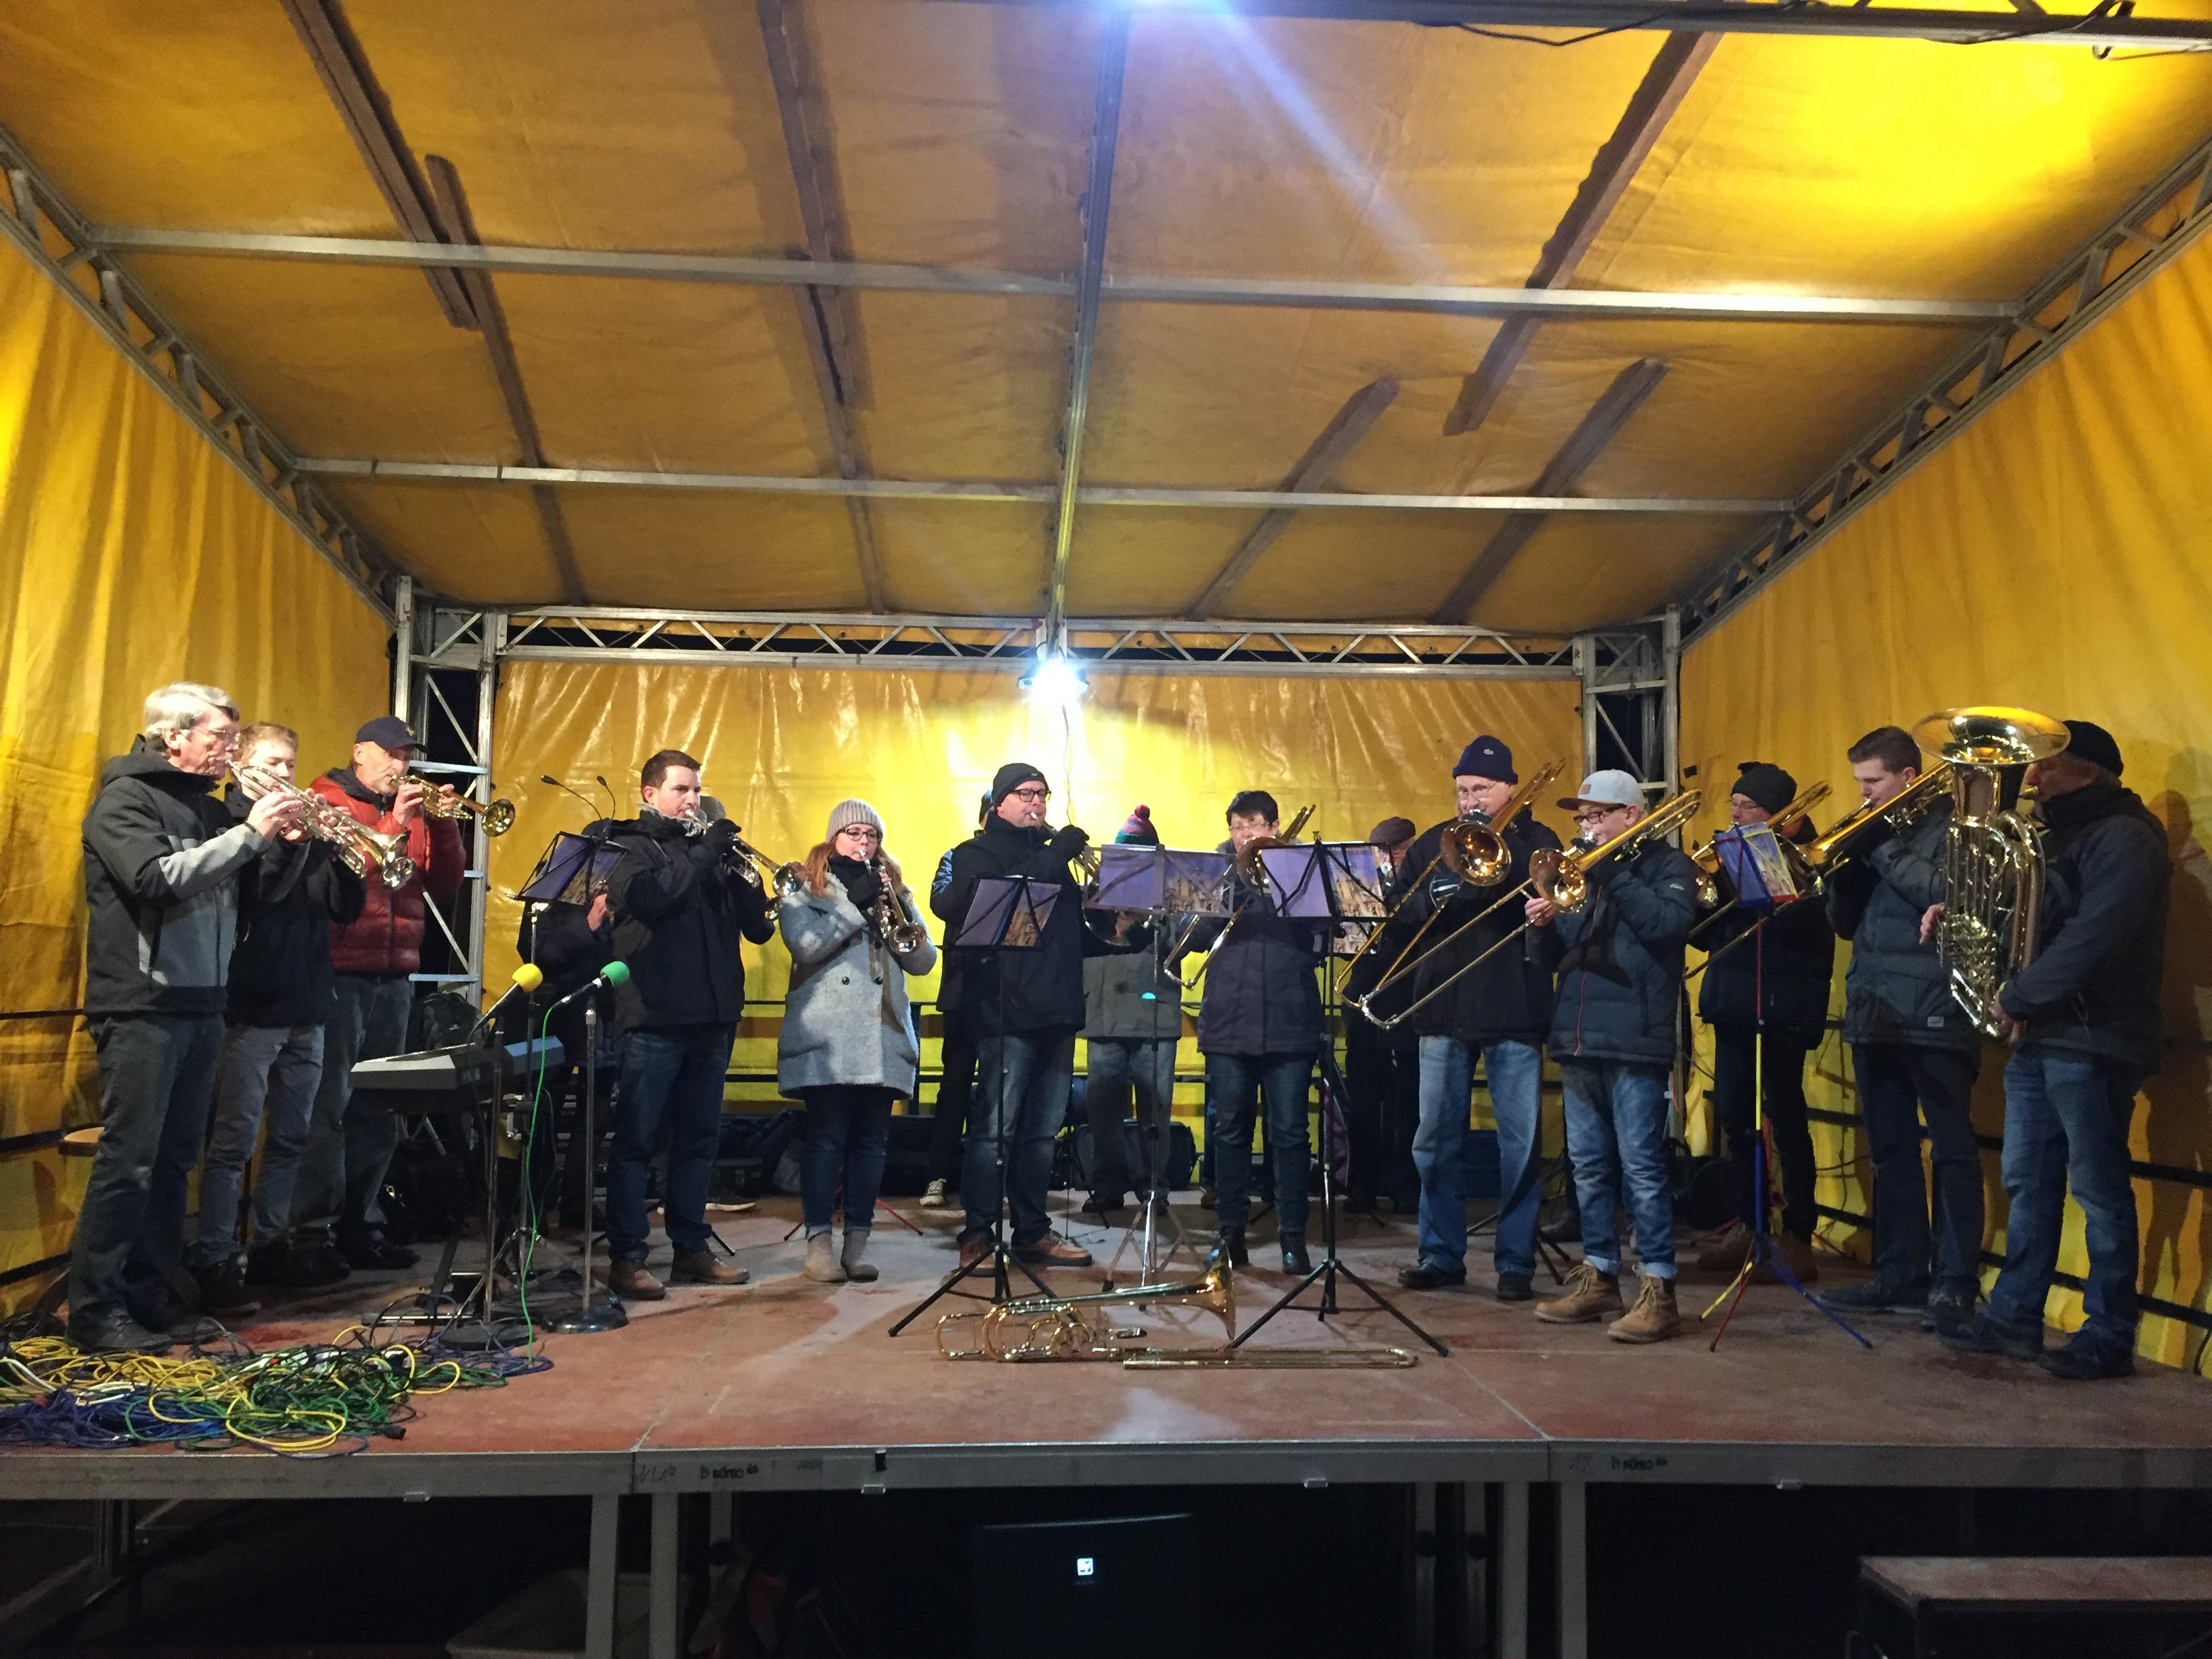 Weihnachtsmarkt Eilshausen 2017